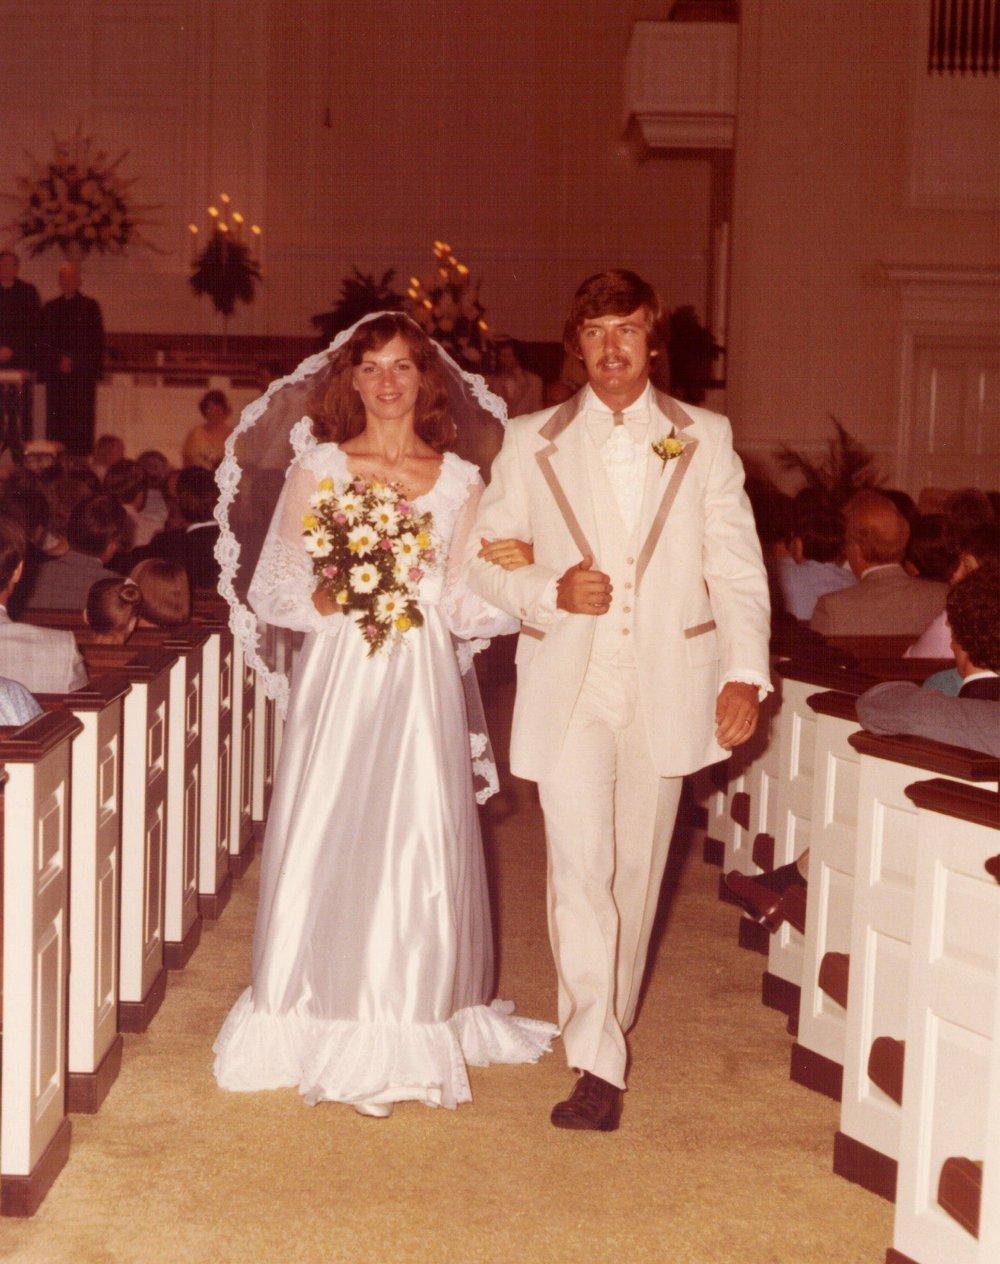 Kathy, Bill wedding recessional.jpg